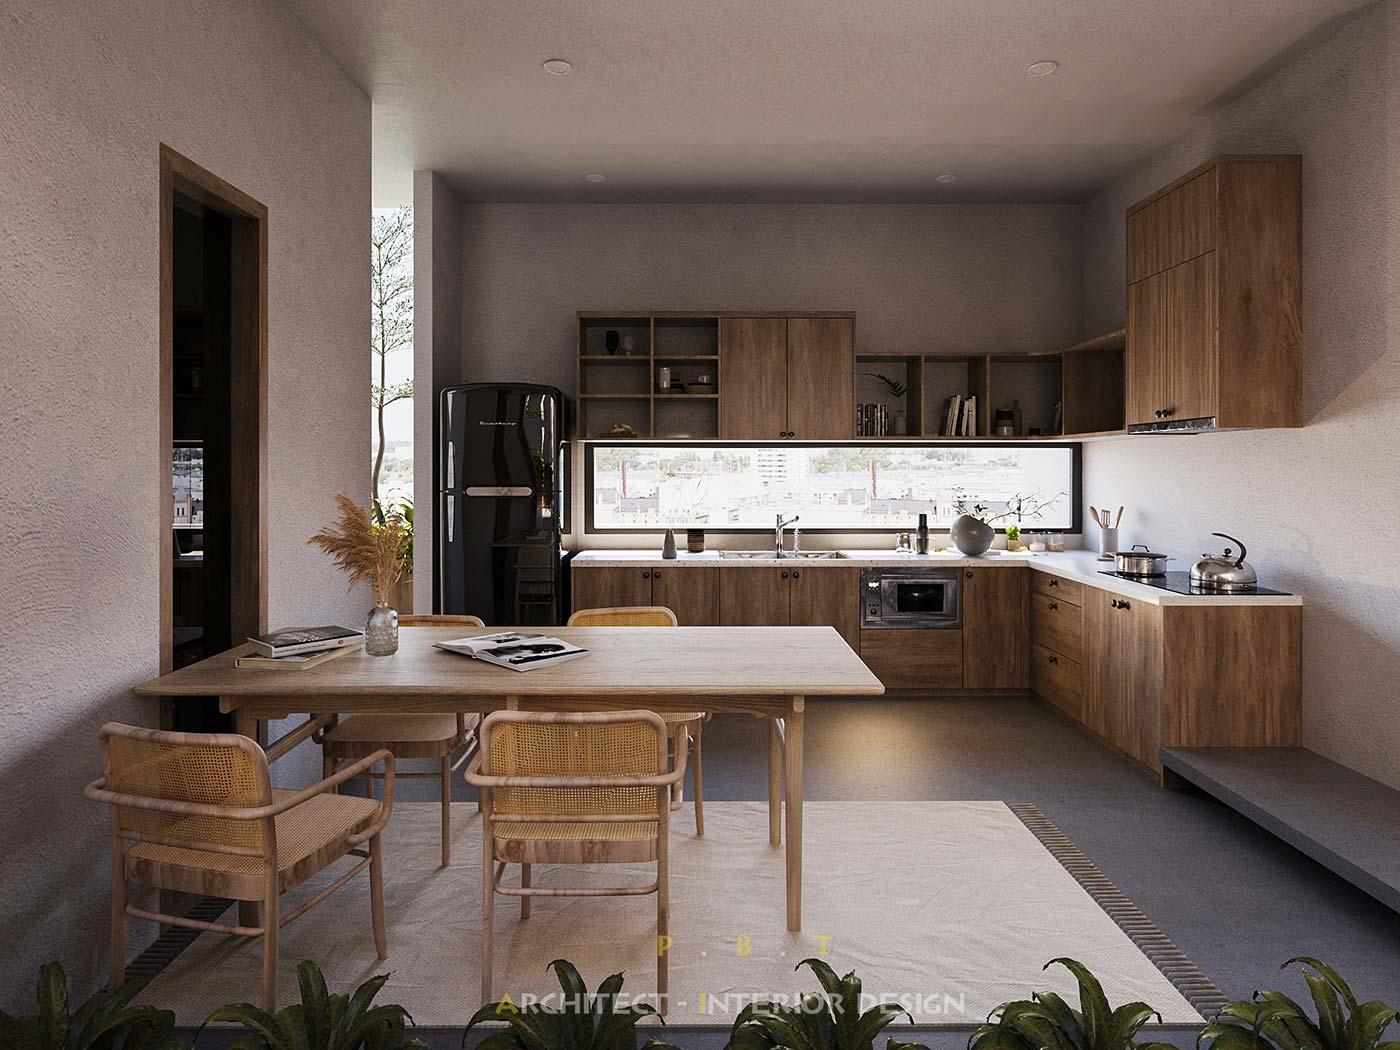 Une cuisine japandi avec du mobilier en bois et en cannage